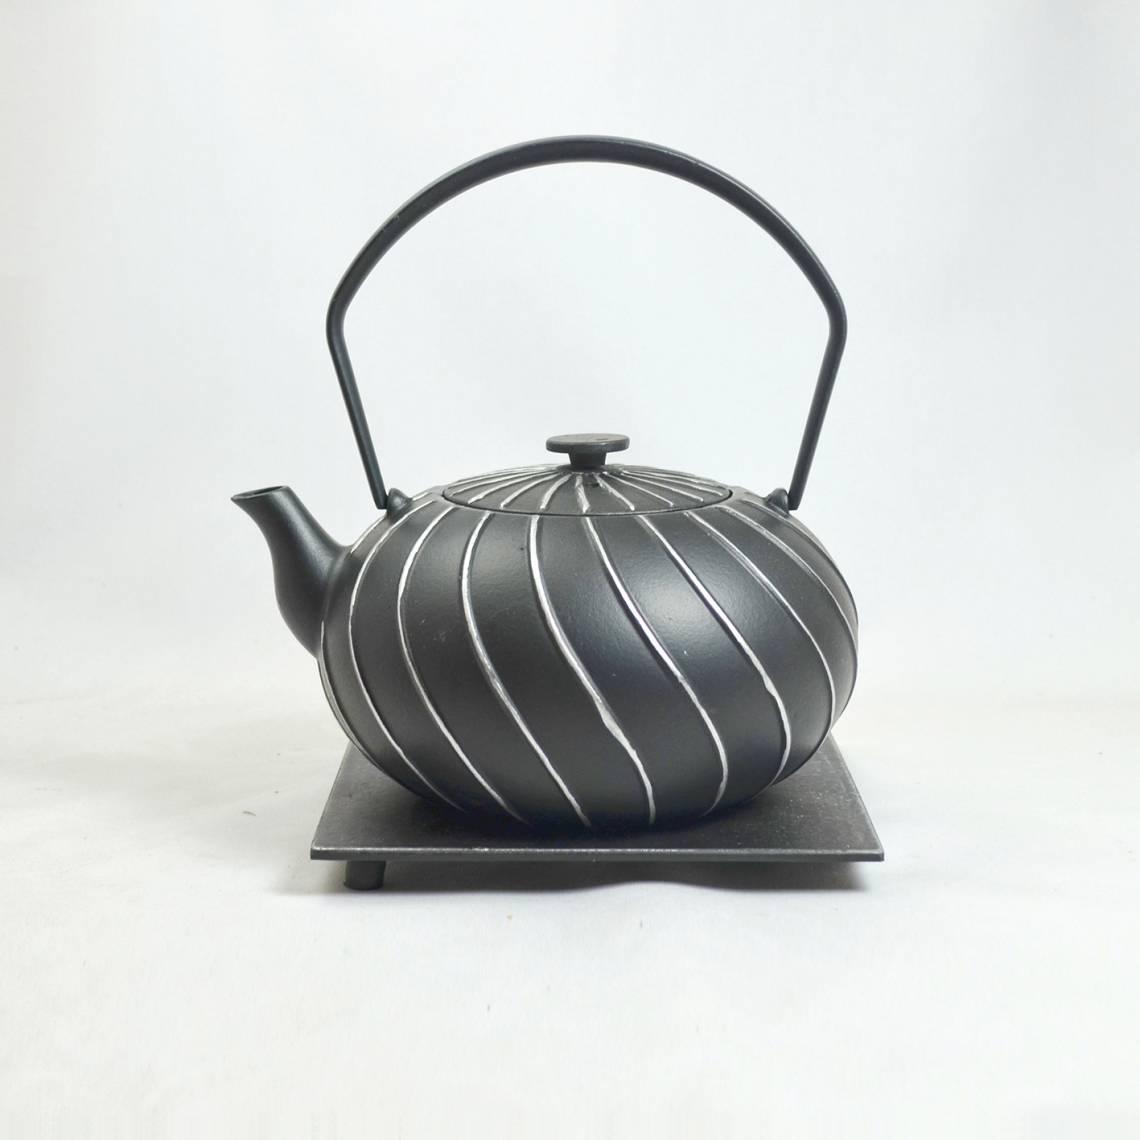 JA-UNENDLICH: Teekannen aus Gusseisen, Bauhaus, Modell Nami, 1,0 l, mit Untersetzer